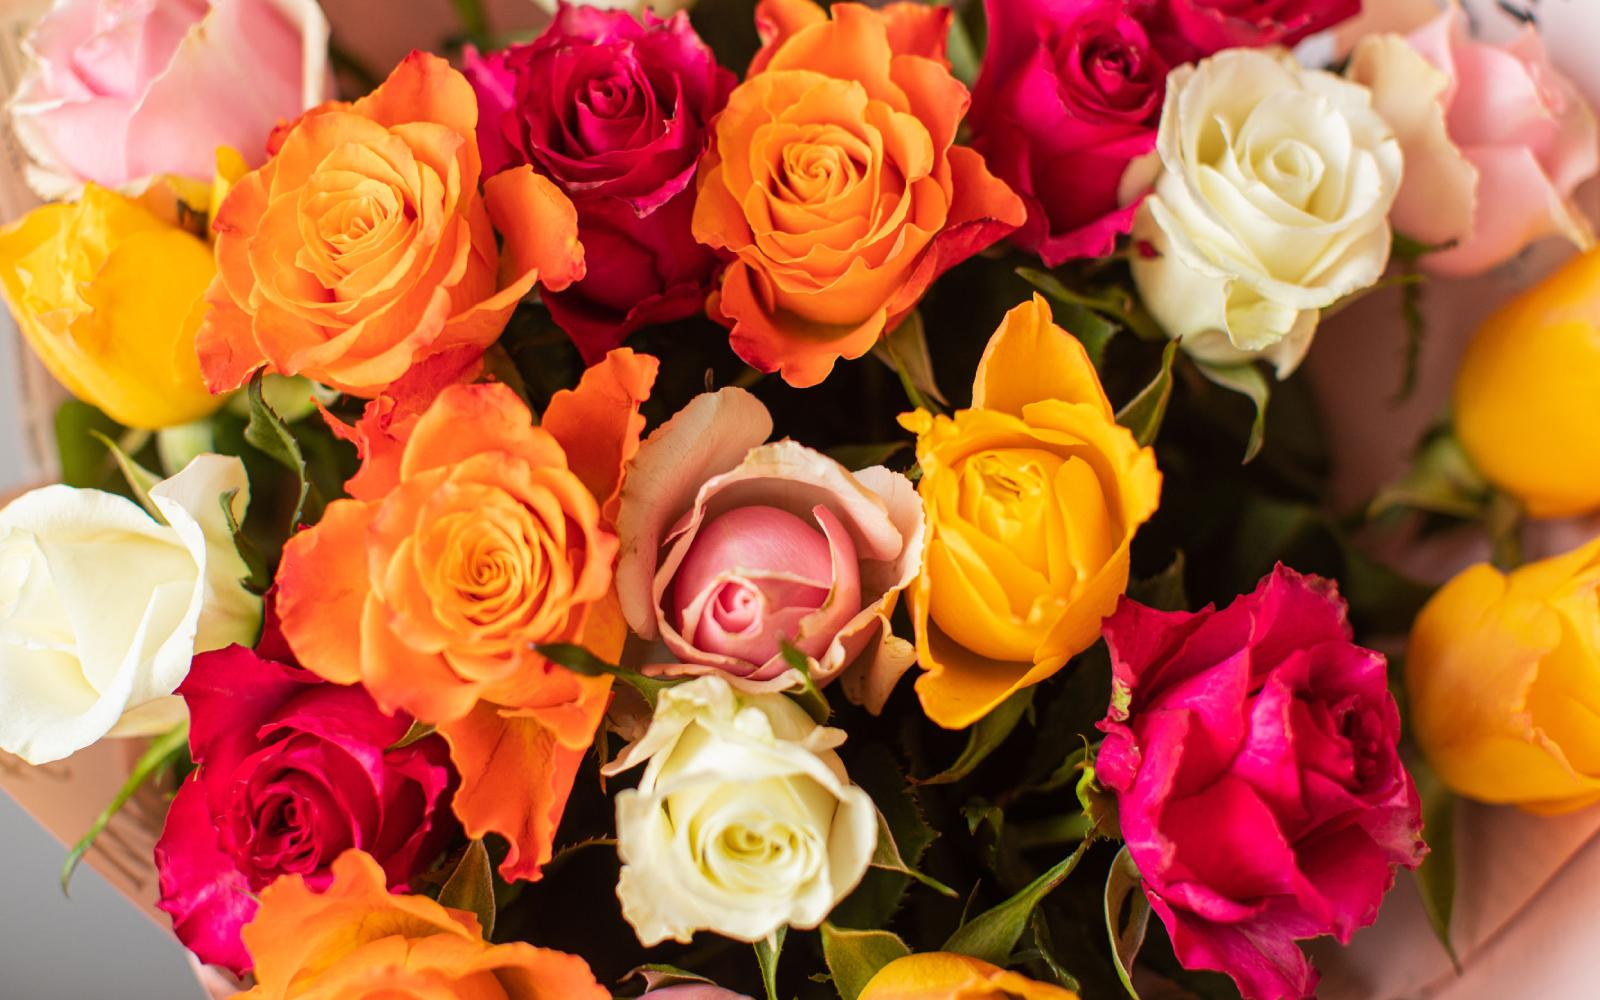 O significado da cor das flores